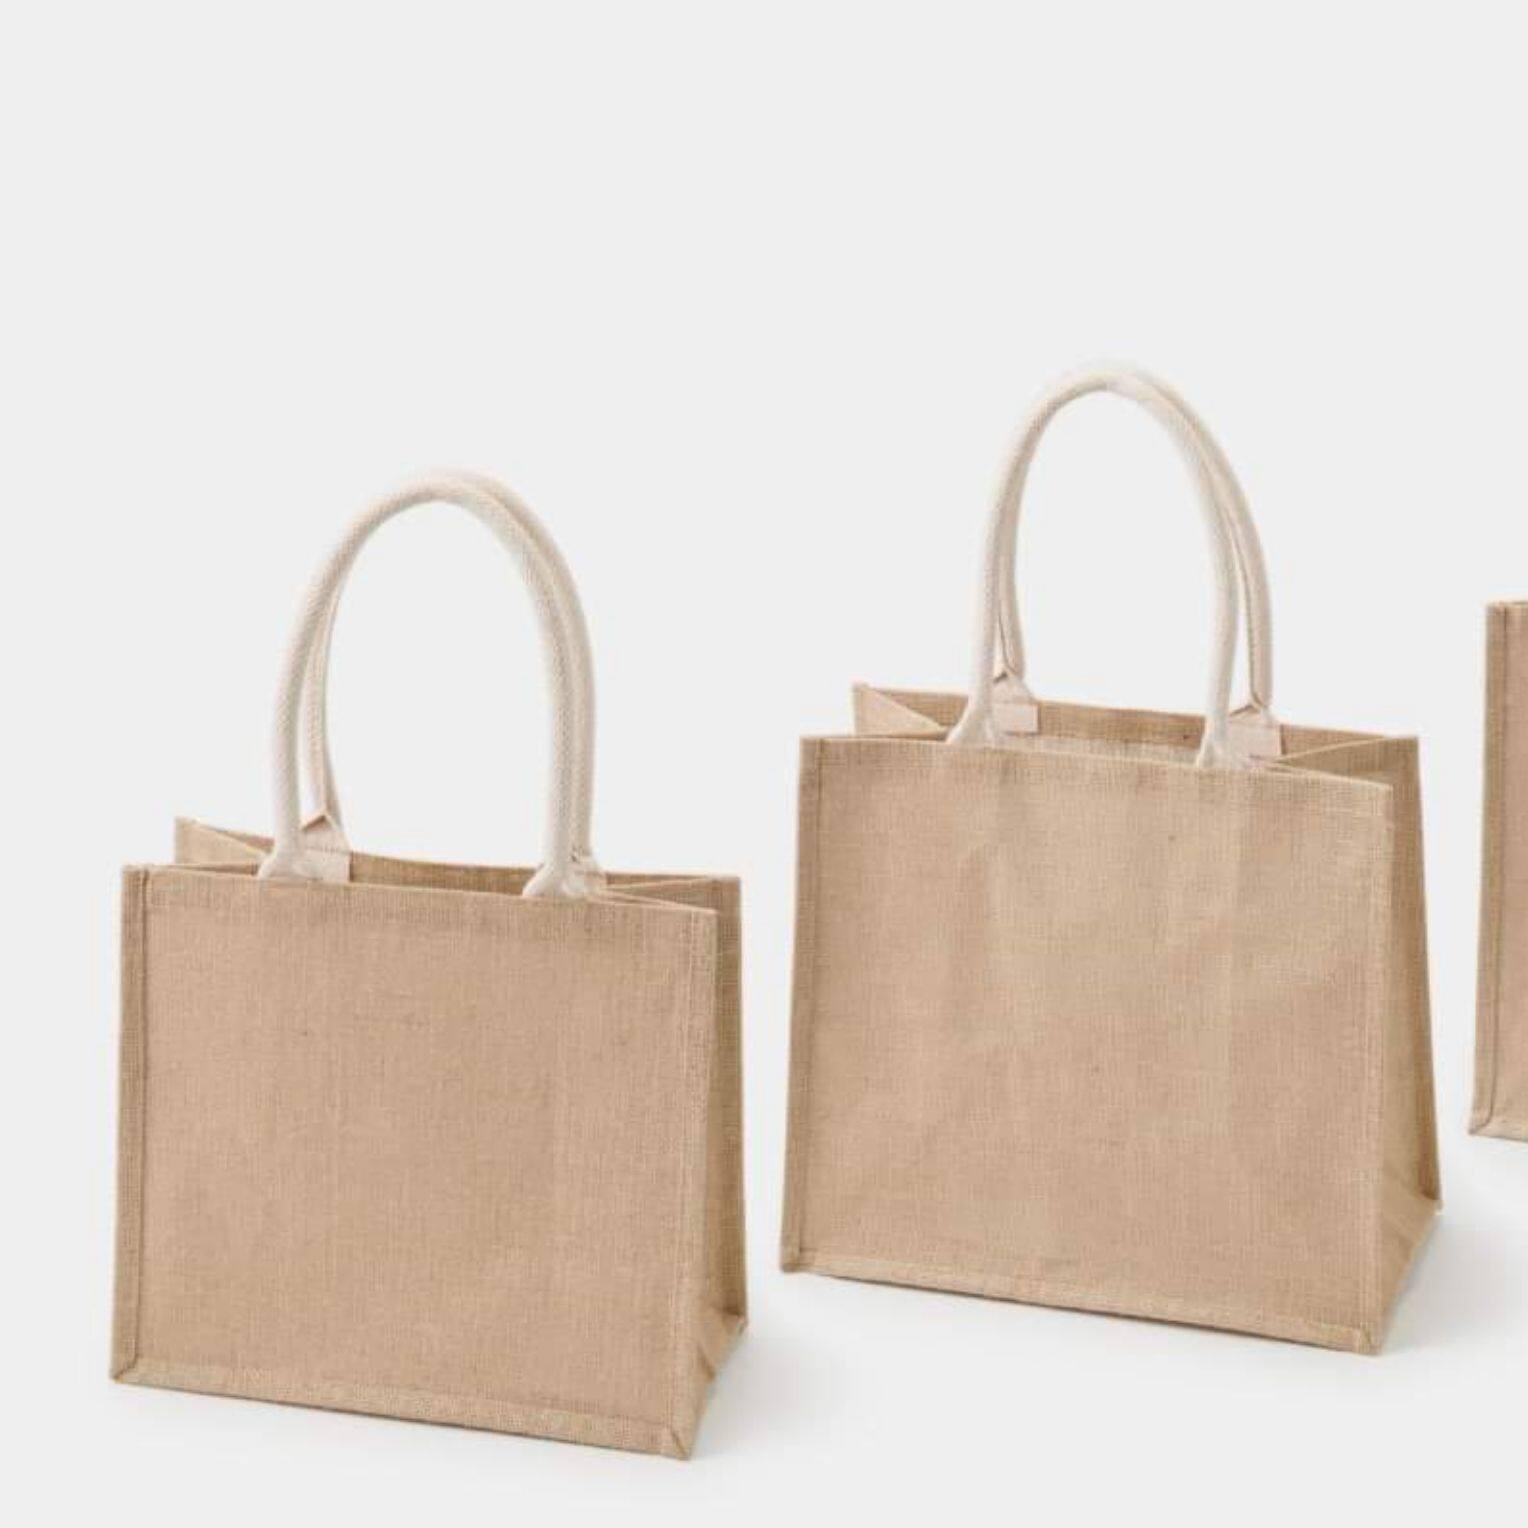 กระเป๋า Jute My Bag จาก  Muji.